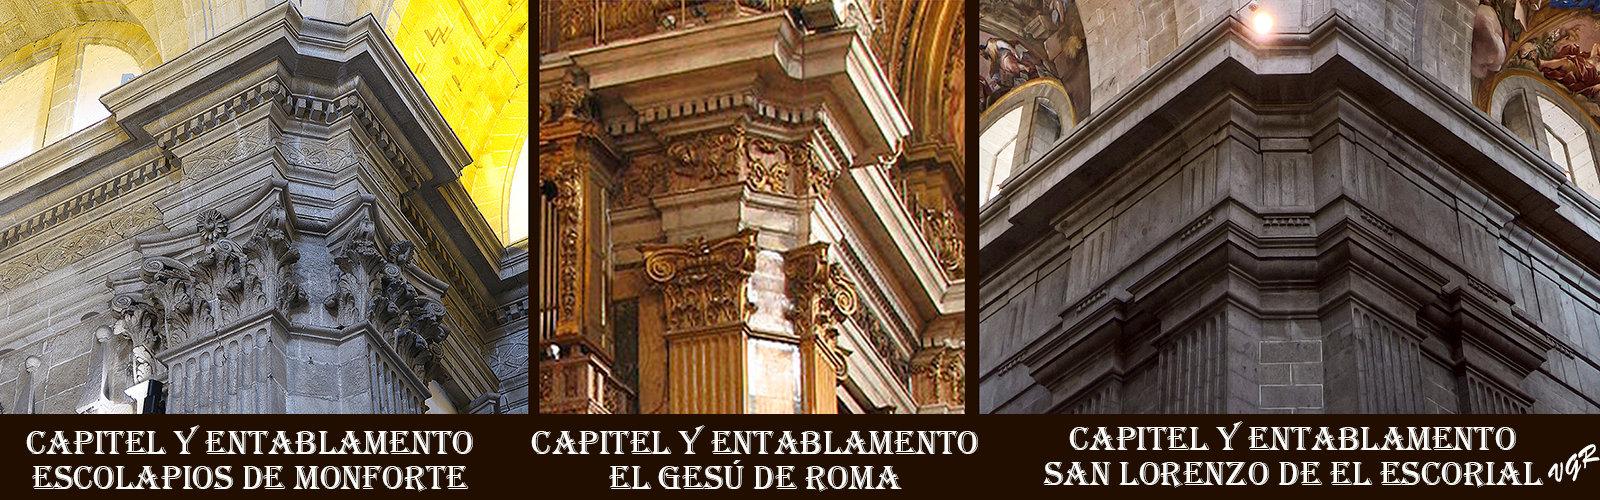 Comparacion Capiteles y Paramentos-WEB.j